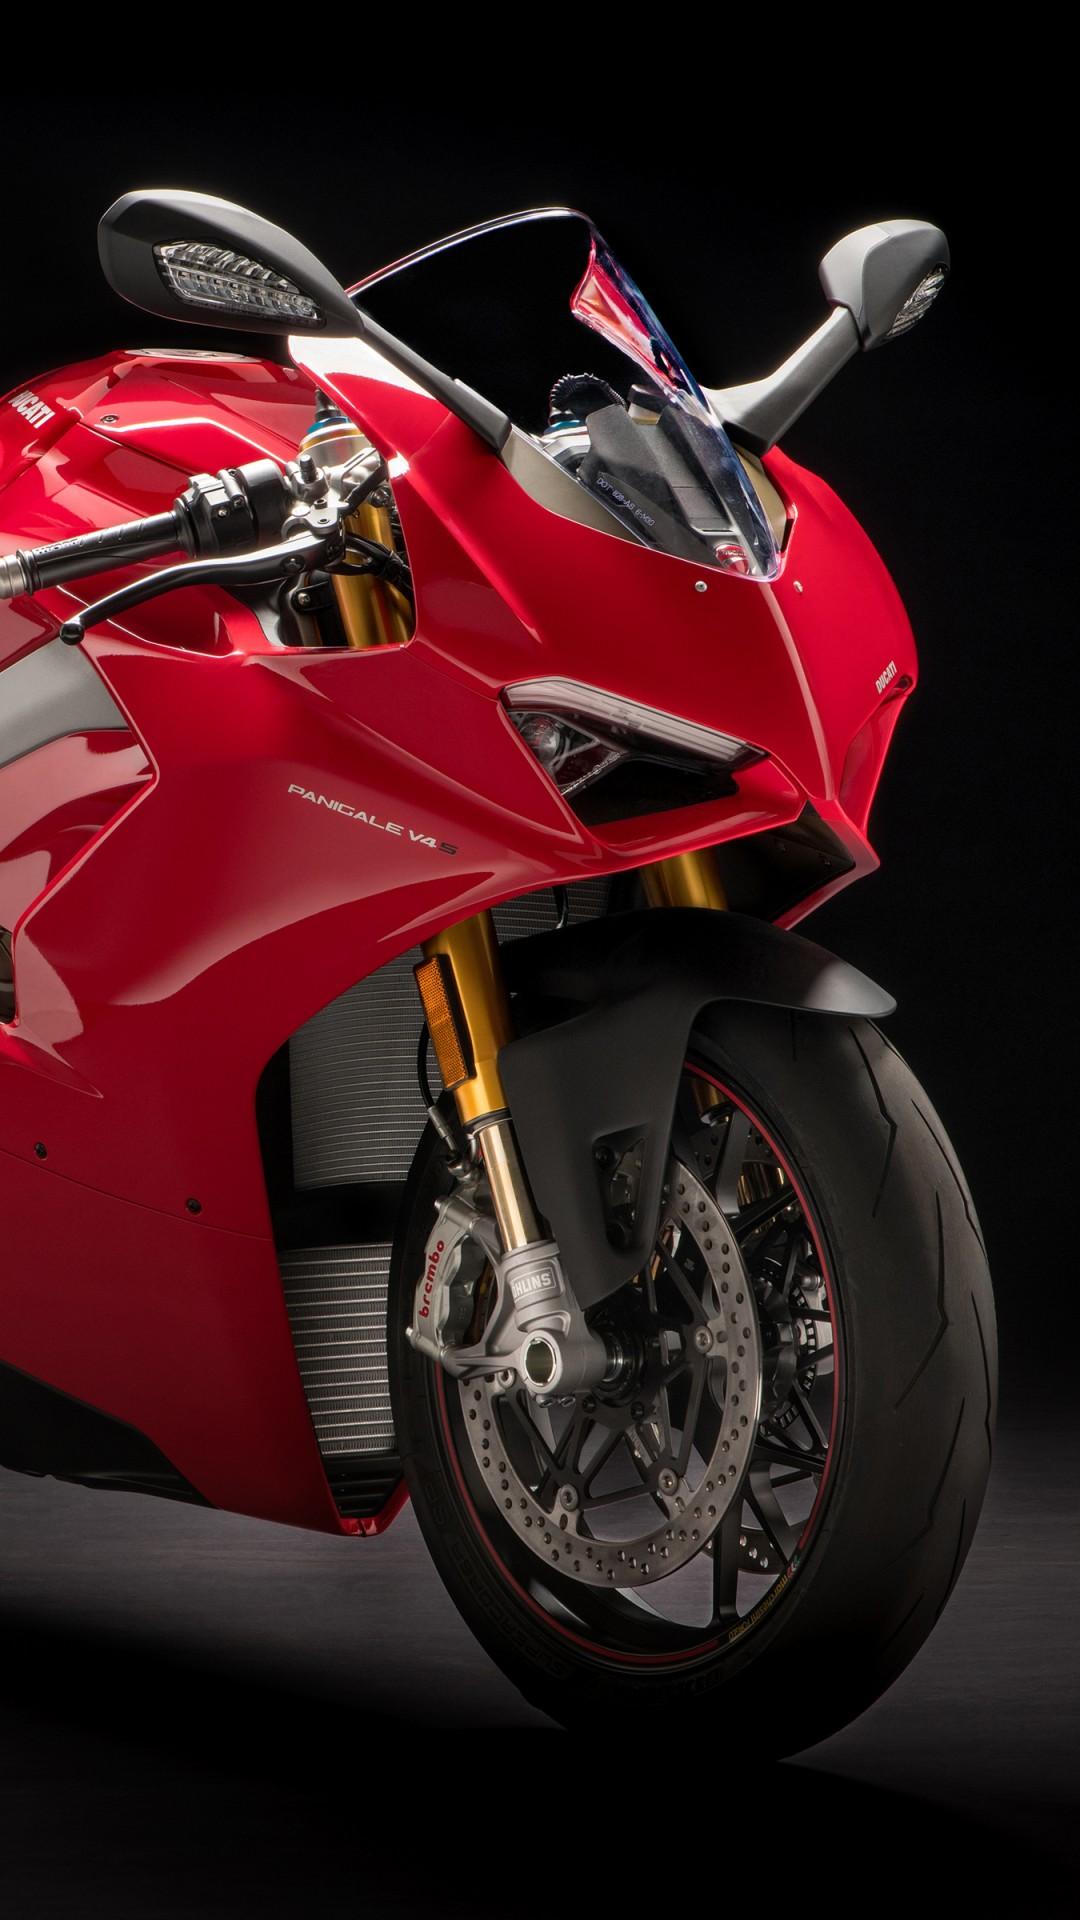 Wallpaper Ducati Panigale V4 S, 2018 Bikes, 4k, Cars ...